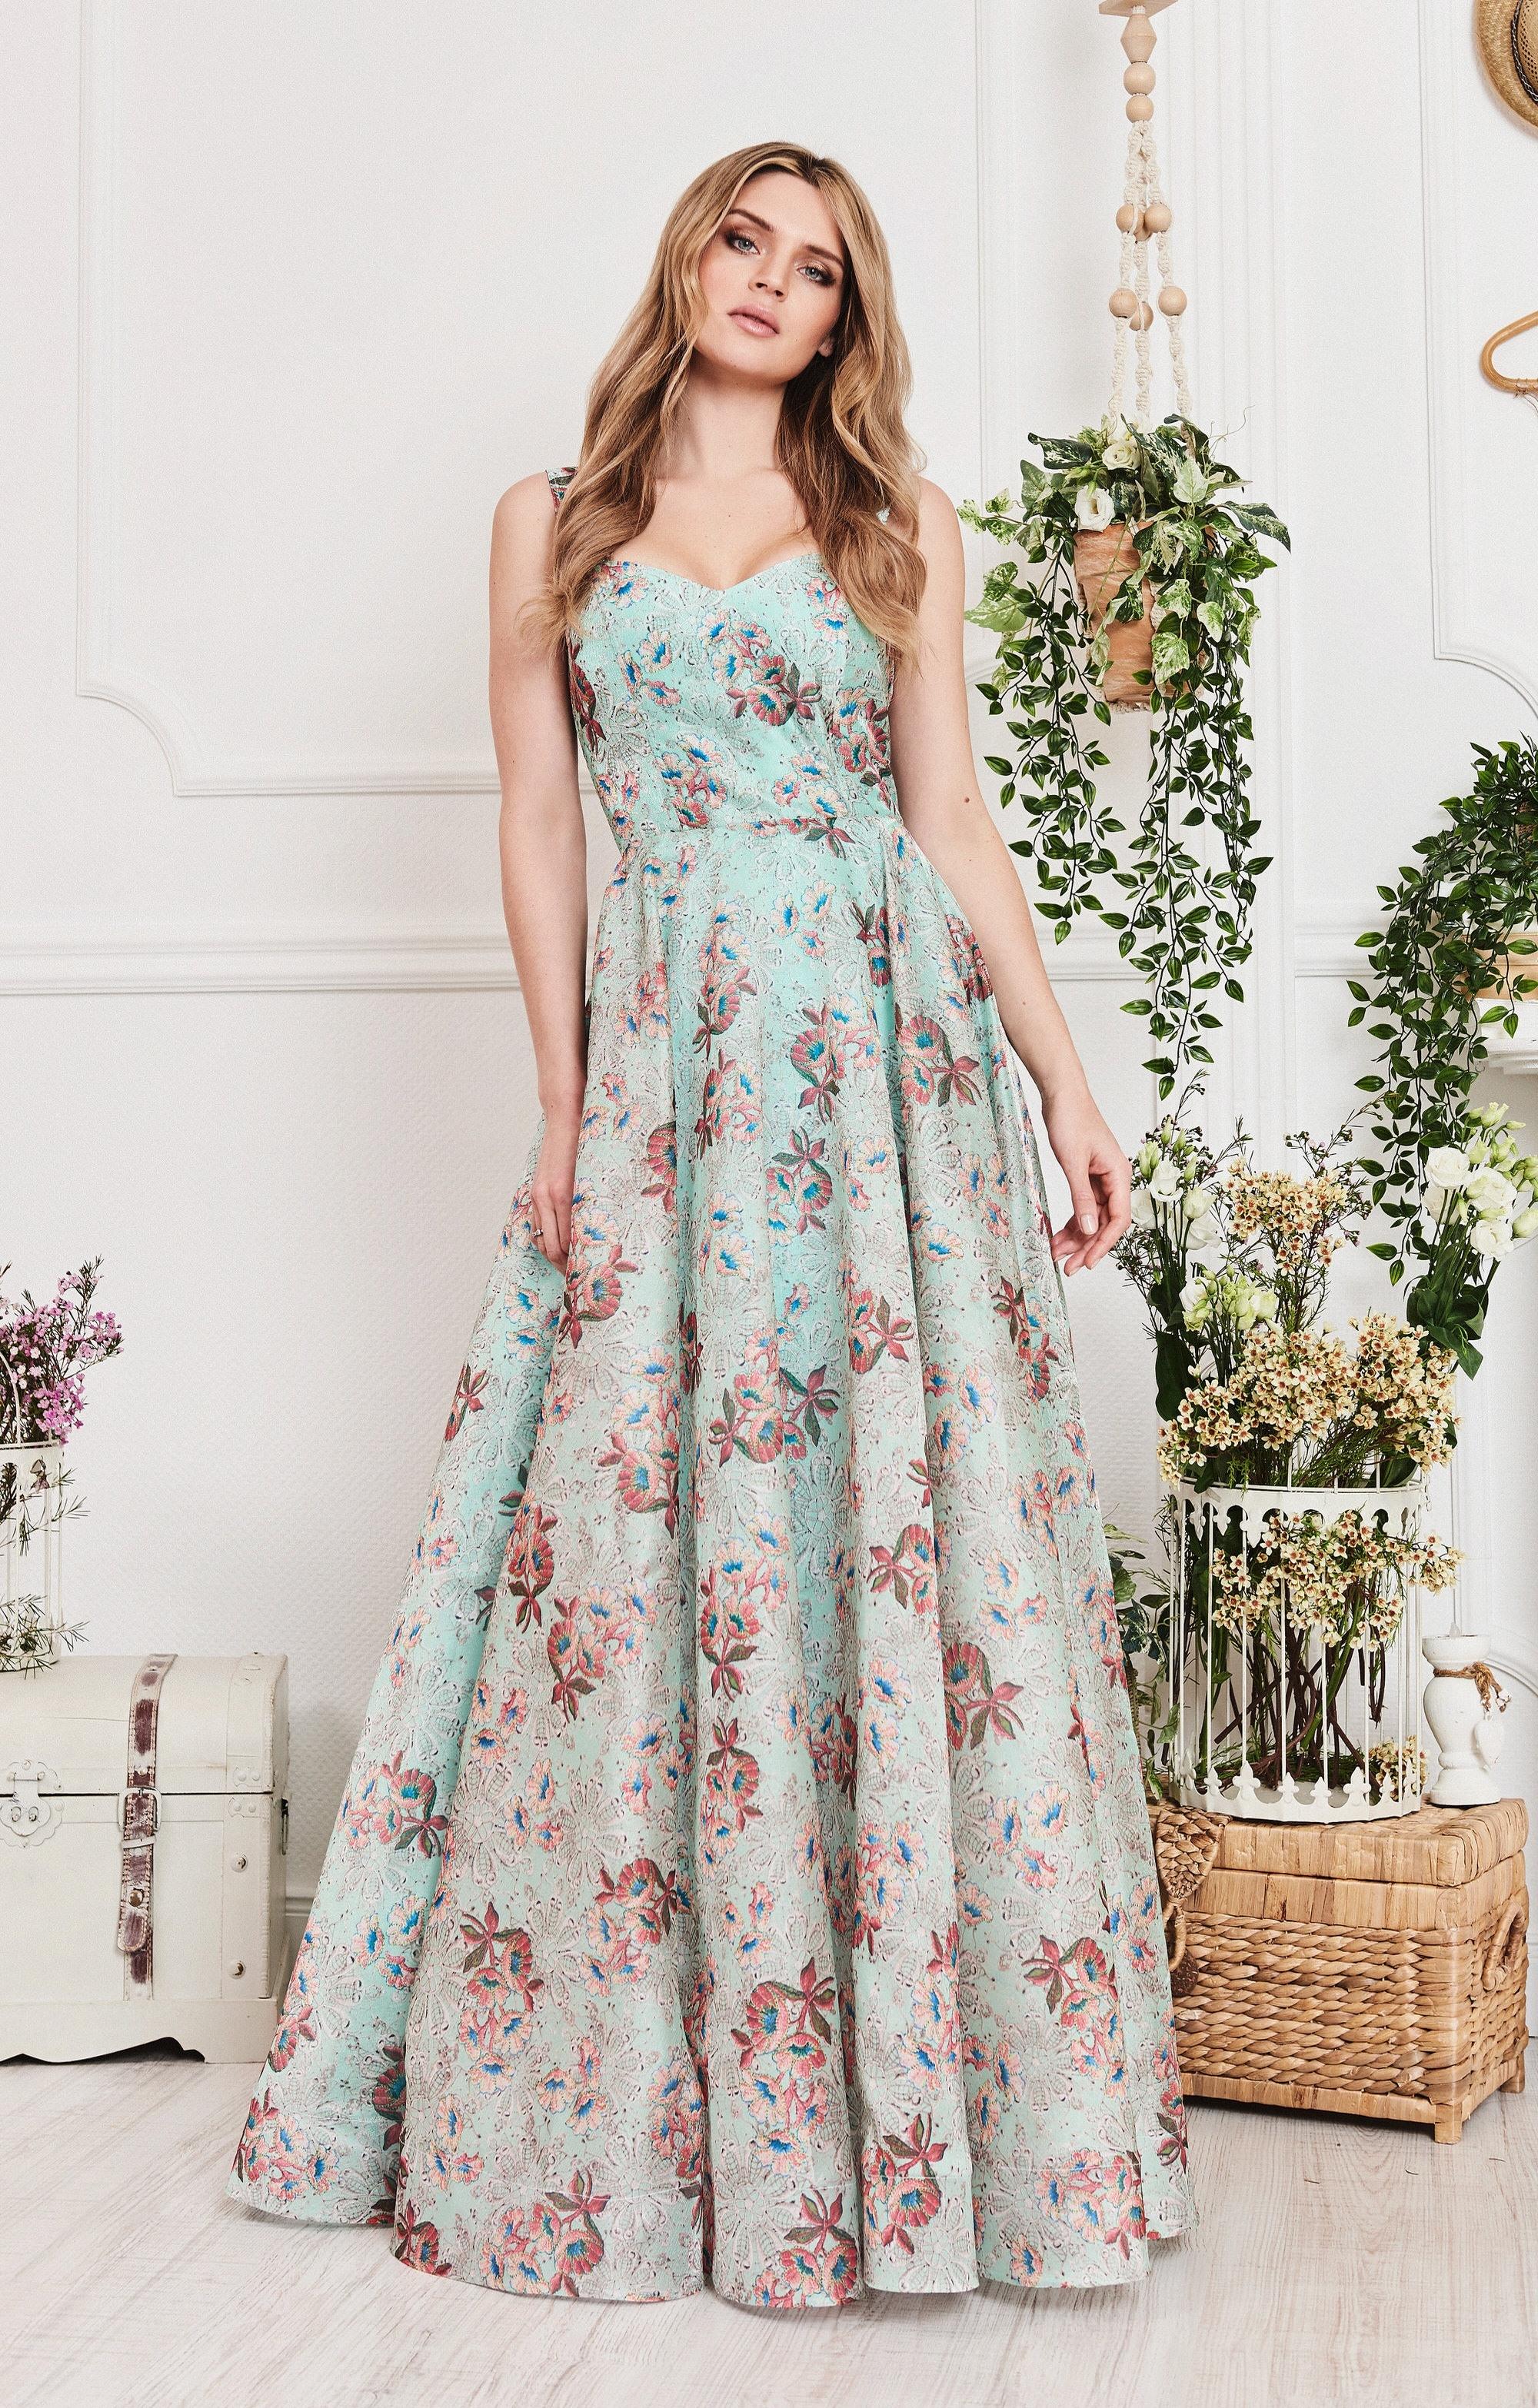 20 Schön Abendkleider Vertrieb15 Einzigartig Abendkleider Stylish